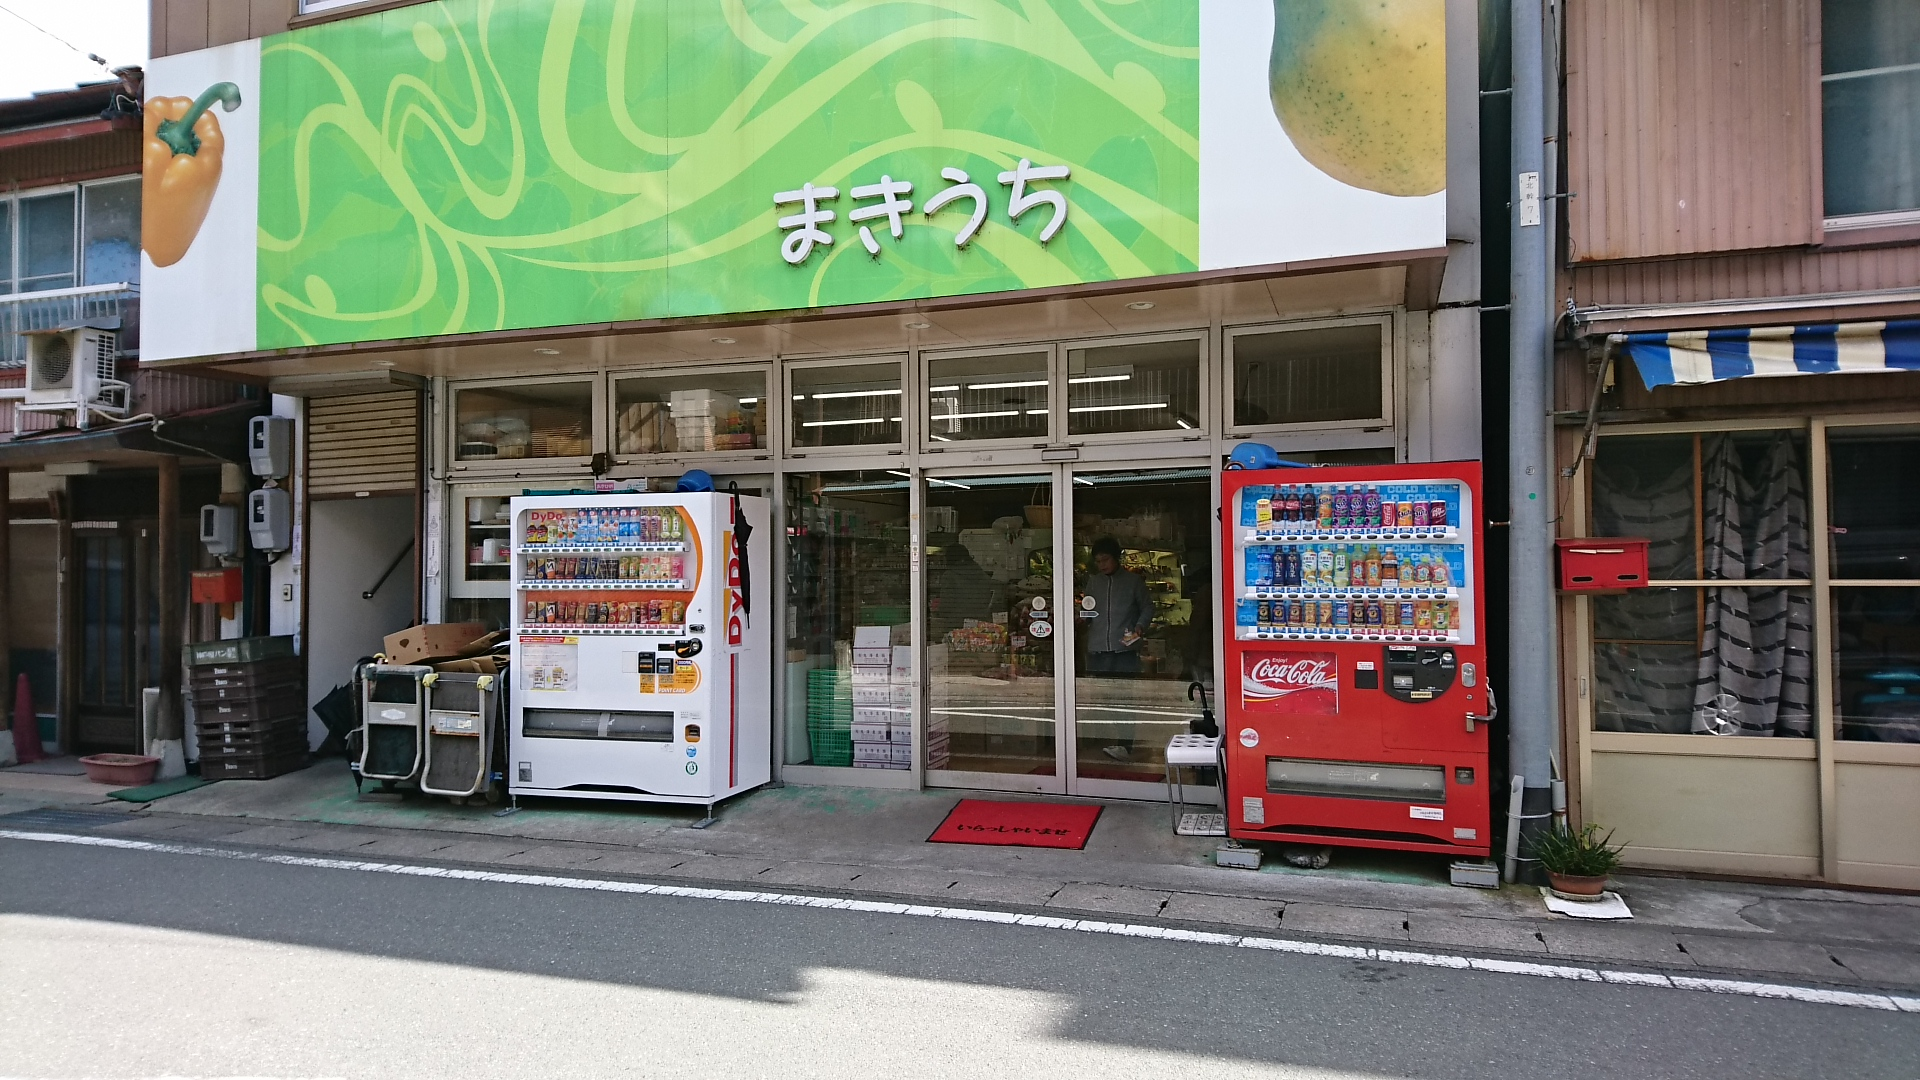 2018.1.11 みさくぼ (180) ゆめかいどう - まきうち 1920-1080